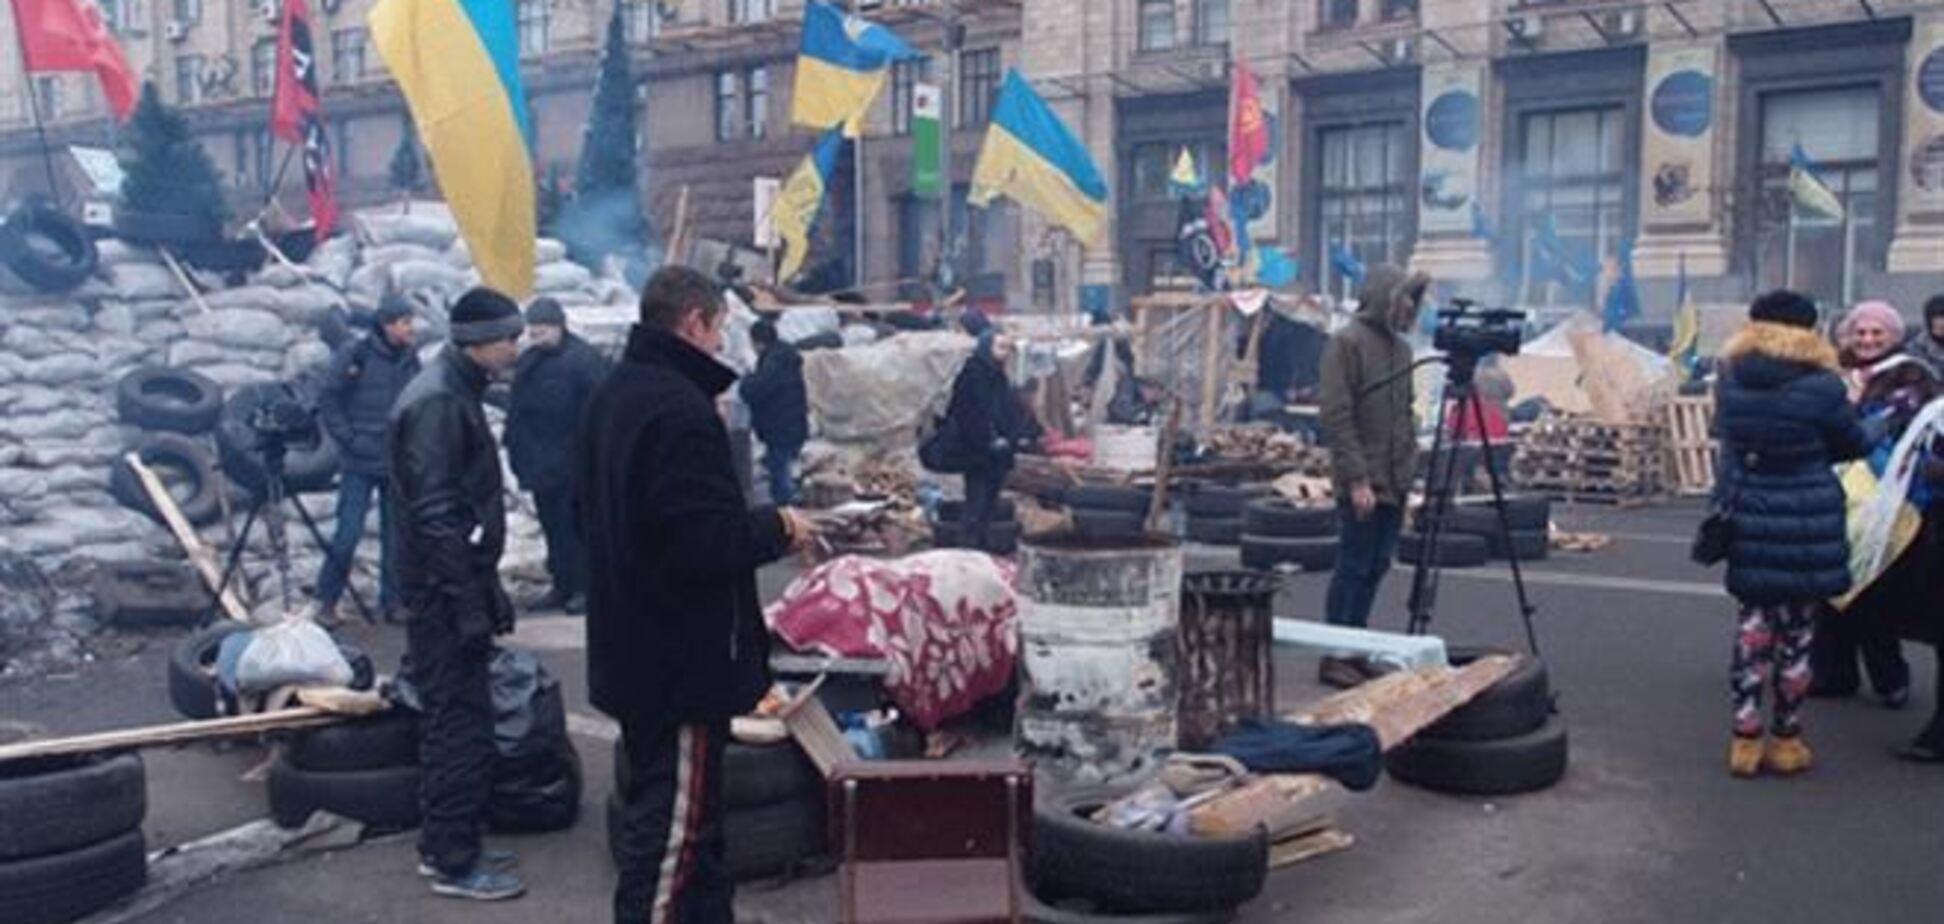 Що говорить Стогній, відправляючи людей на Майдан